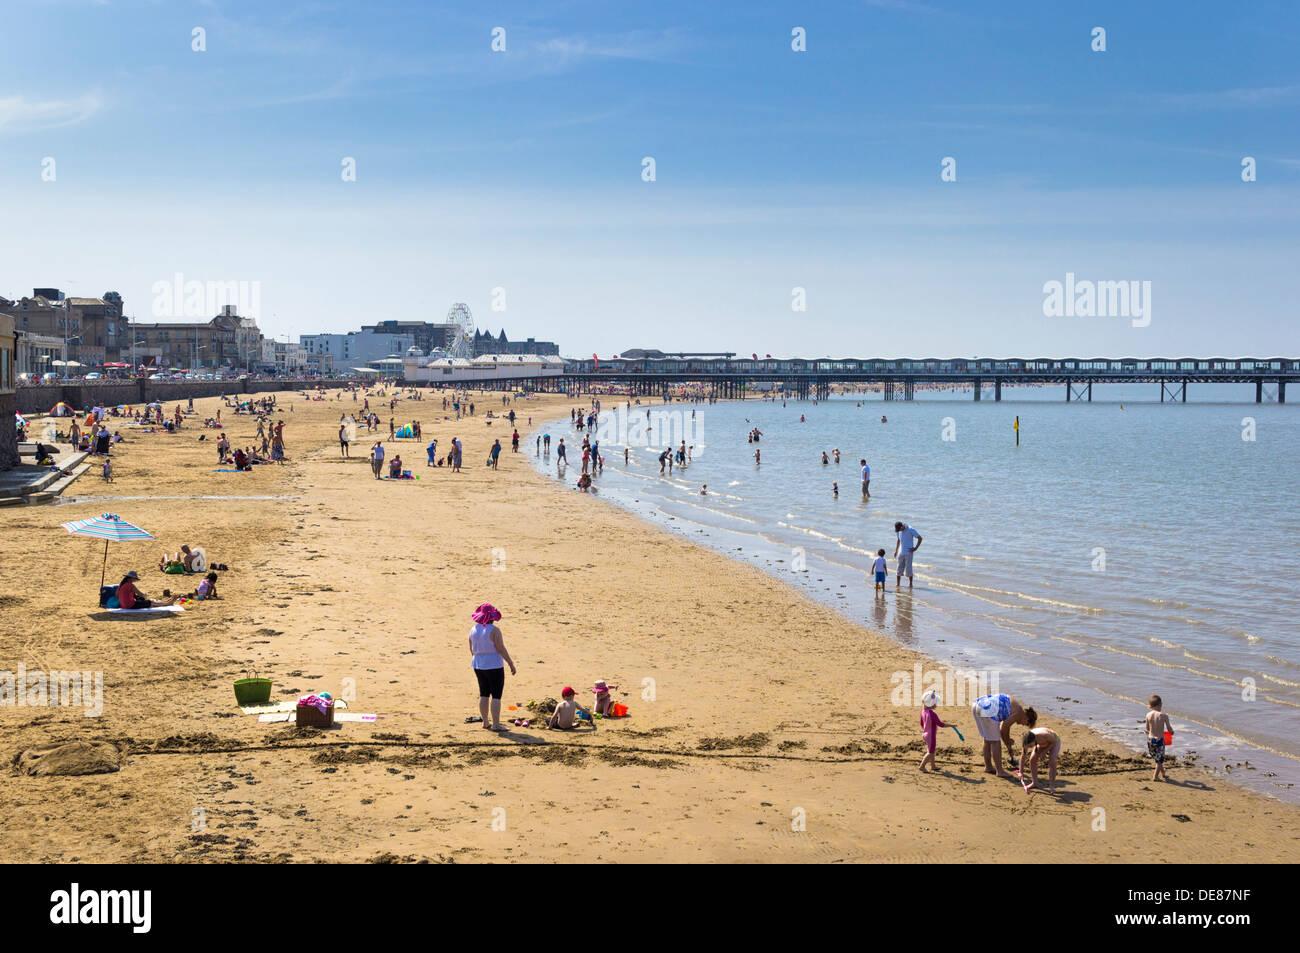 Spiaggia REGNO UNITO - la spiaggia balneare Weston Super Mare, Somerset, Regno Unito Immagini Stock